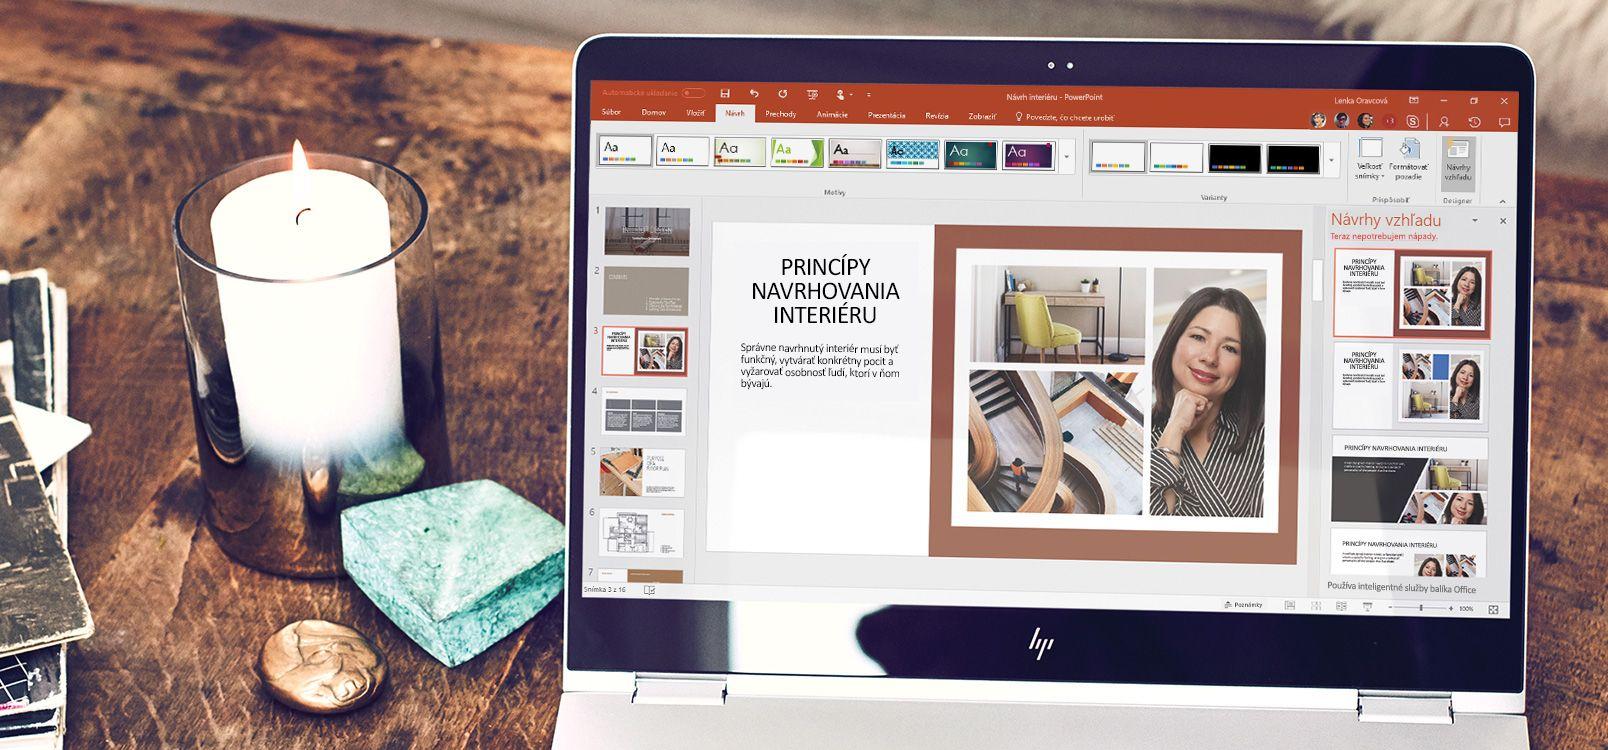 Obrazovka prenosného počítača zobrazujúca powerpointový dokument, v ktorom sa používa funkcia PowerPoint Designer